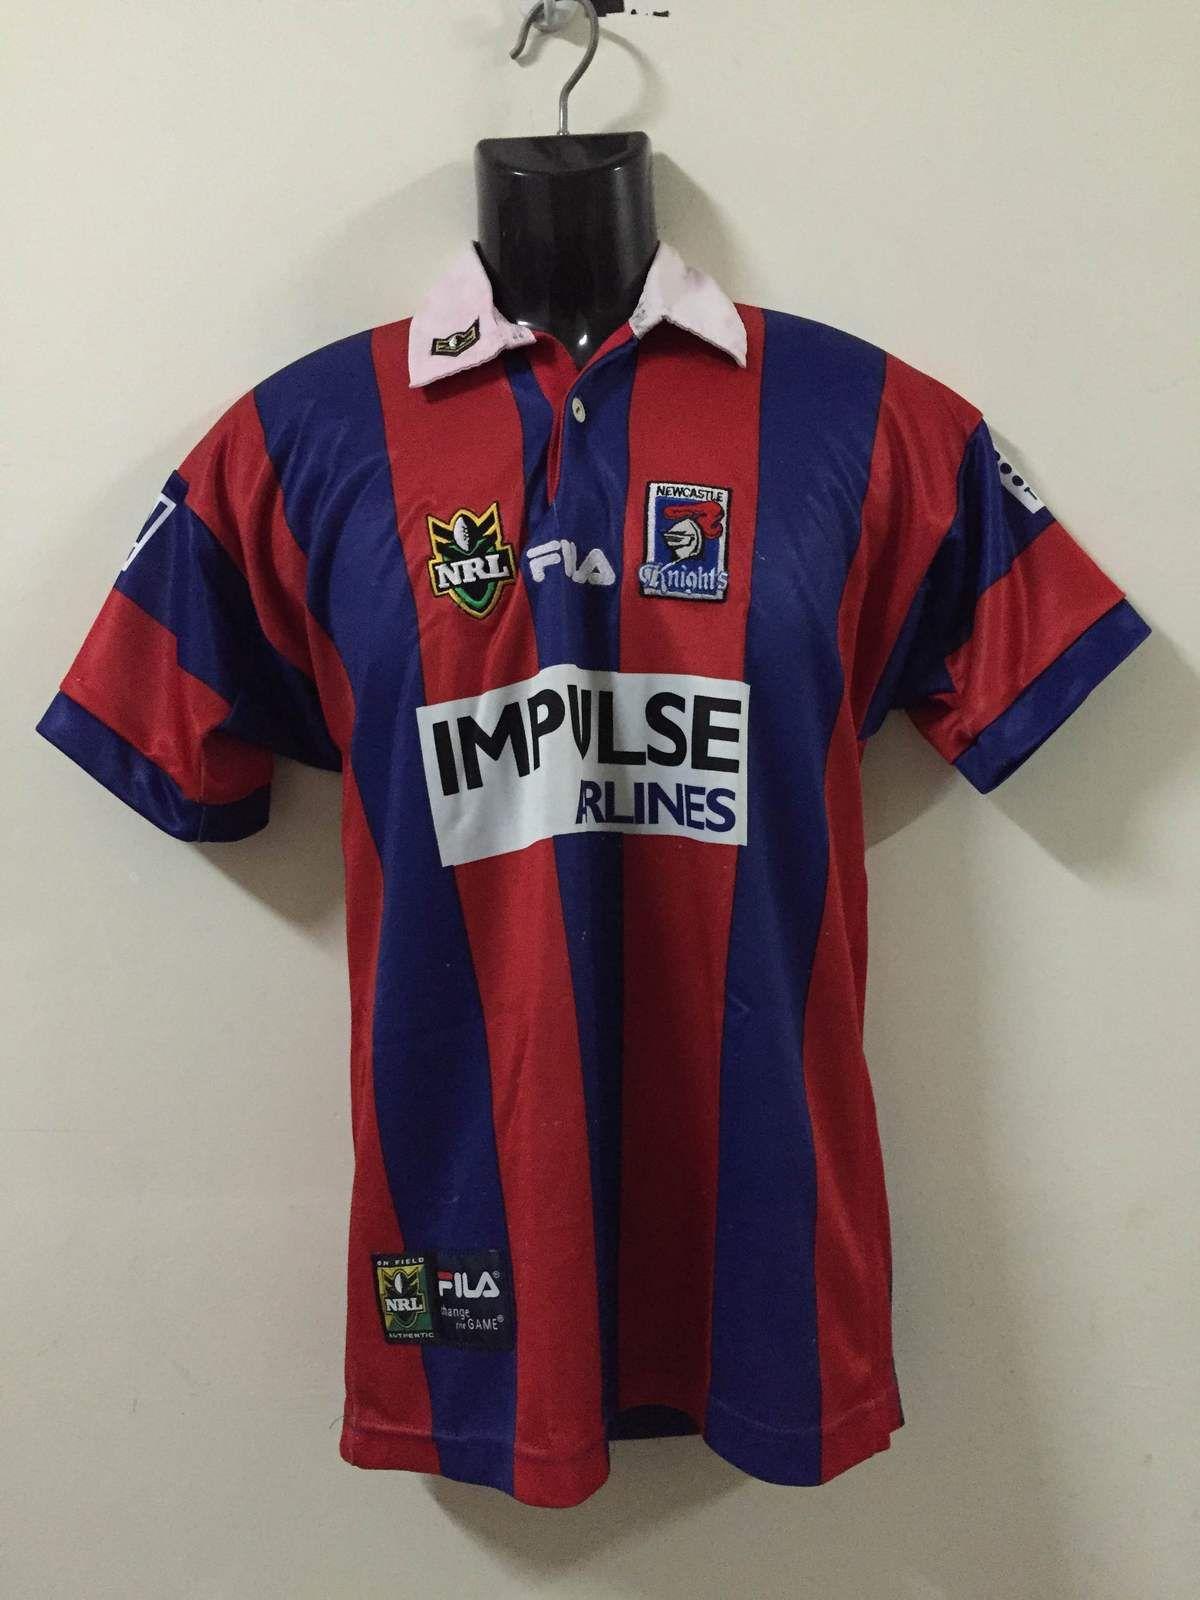 799e09c16a1f Rare Newcastle Knights IMPULSE AIRLINE NRL FILA Jersey Matthew Parkes -  Athletic Apparel